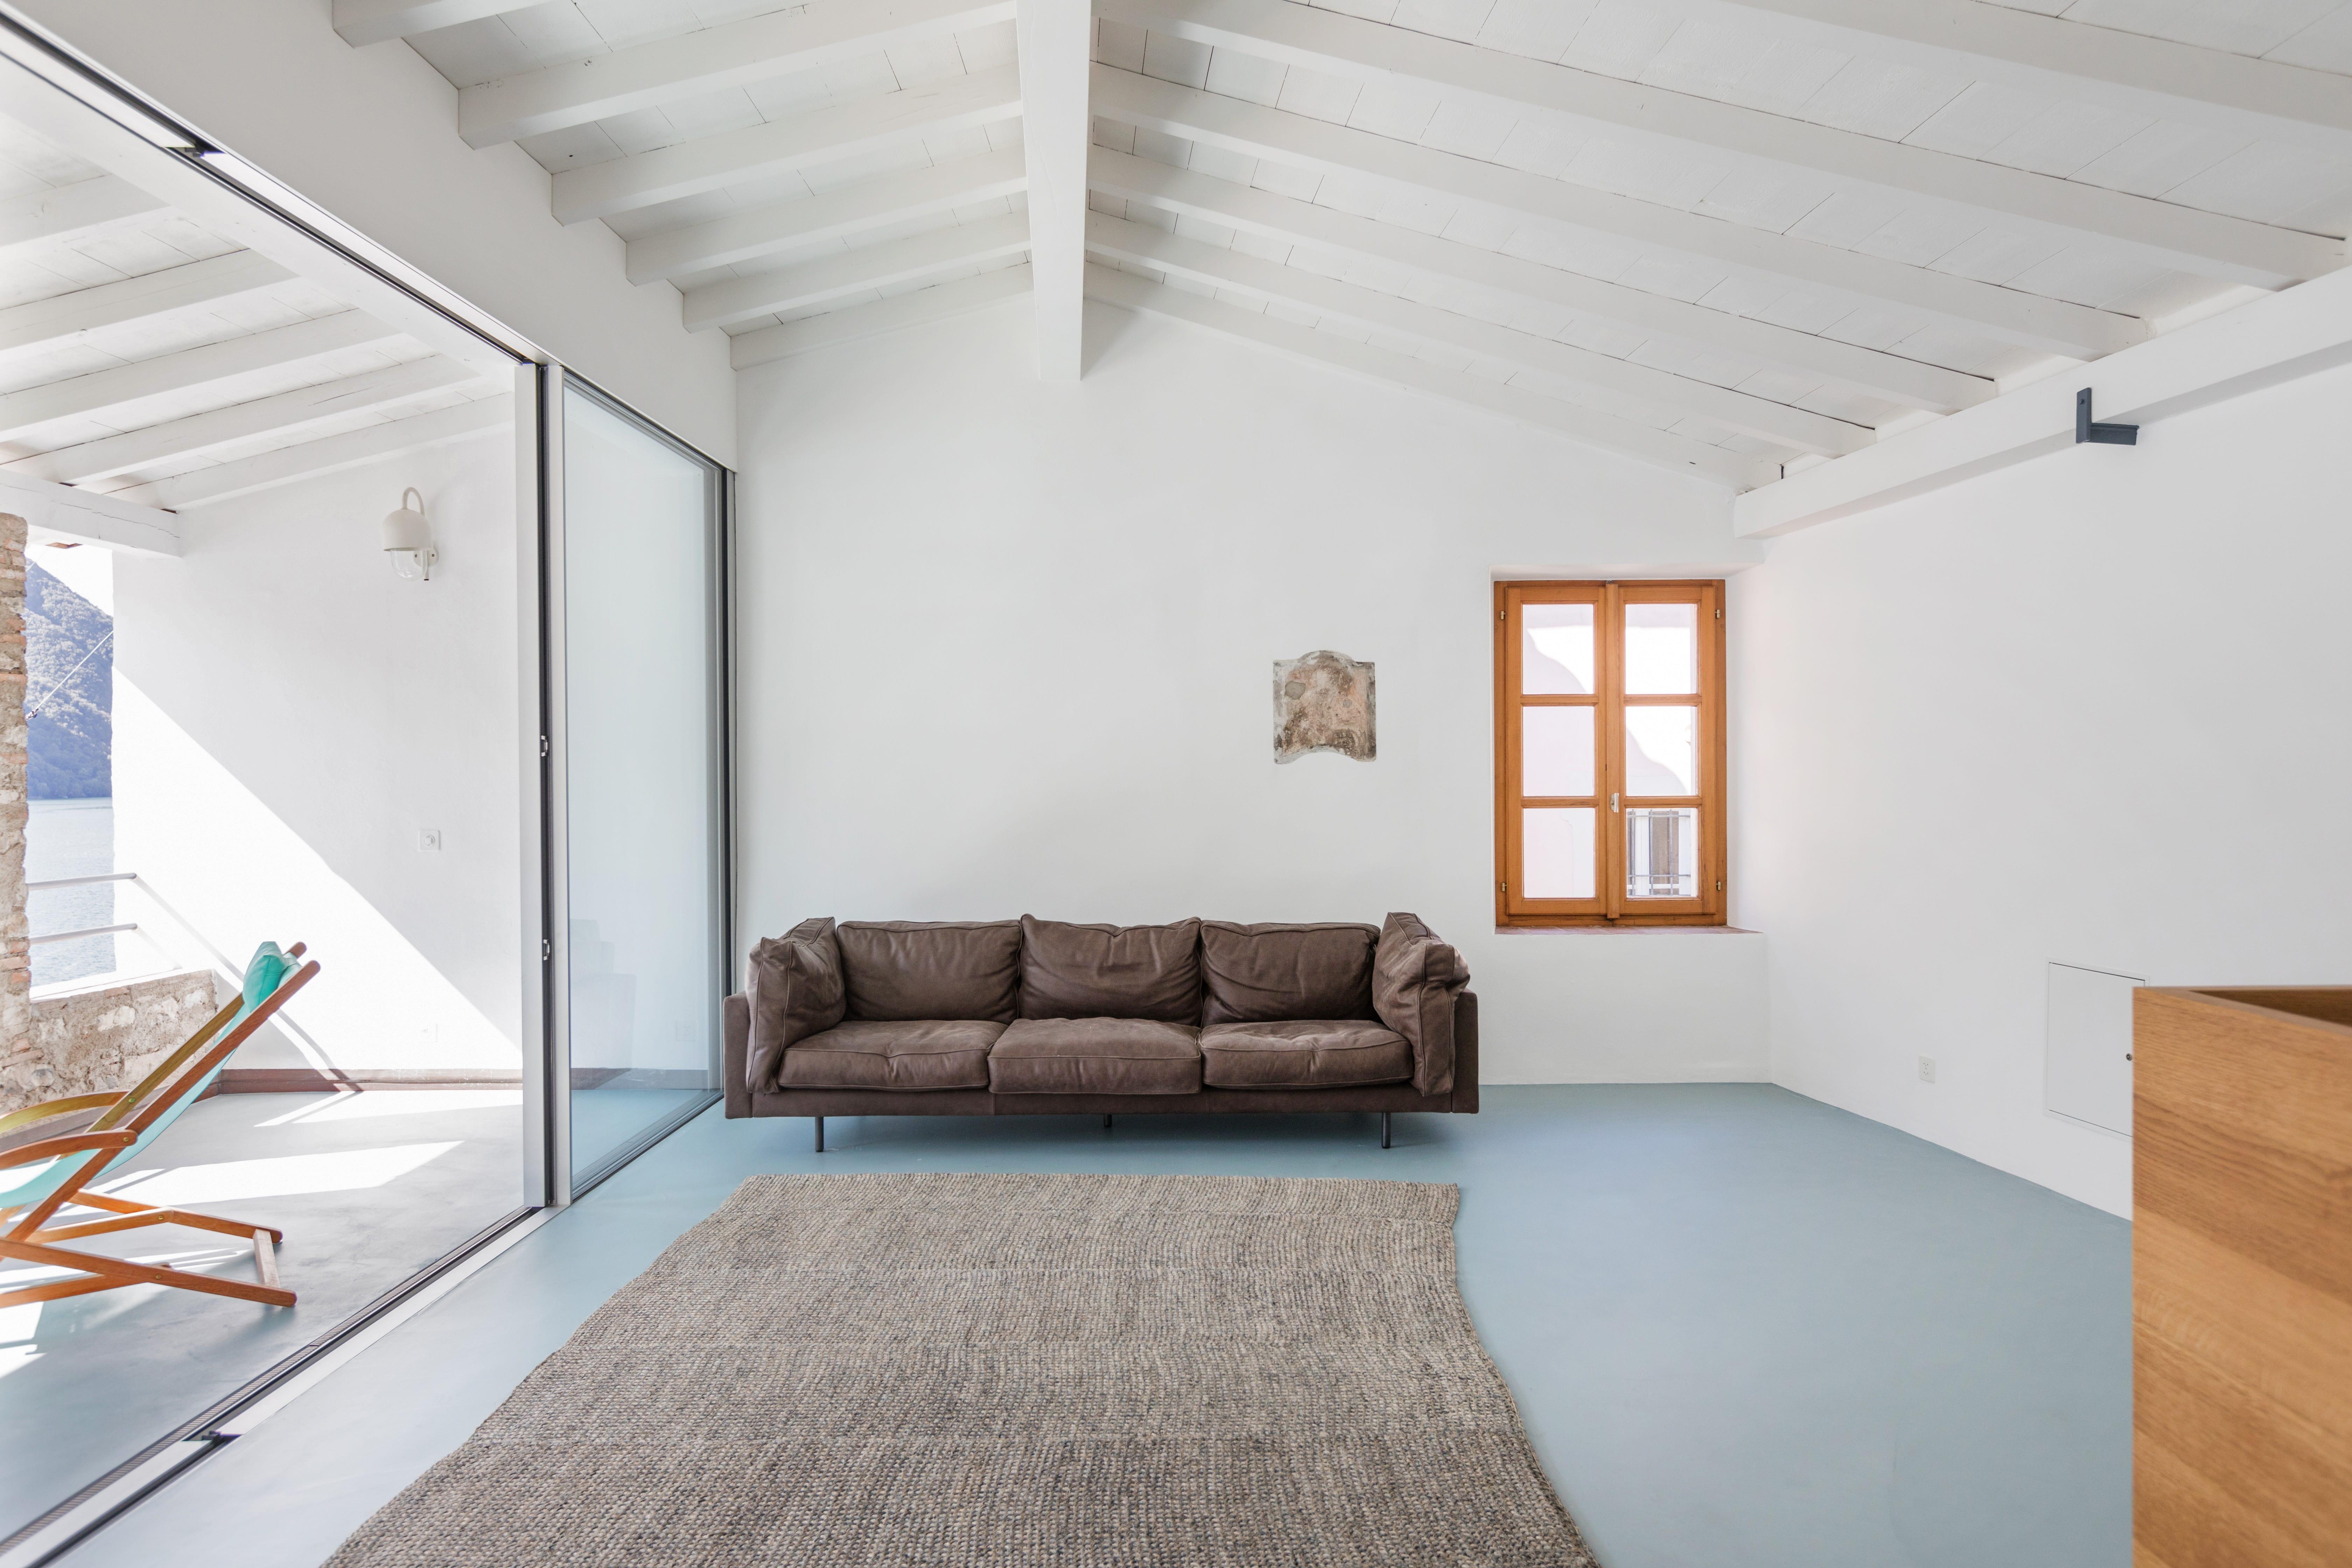 Transformation d'une habitation dans le centre historique de Gandria